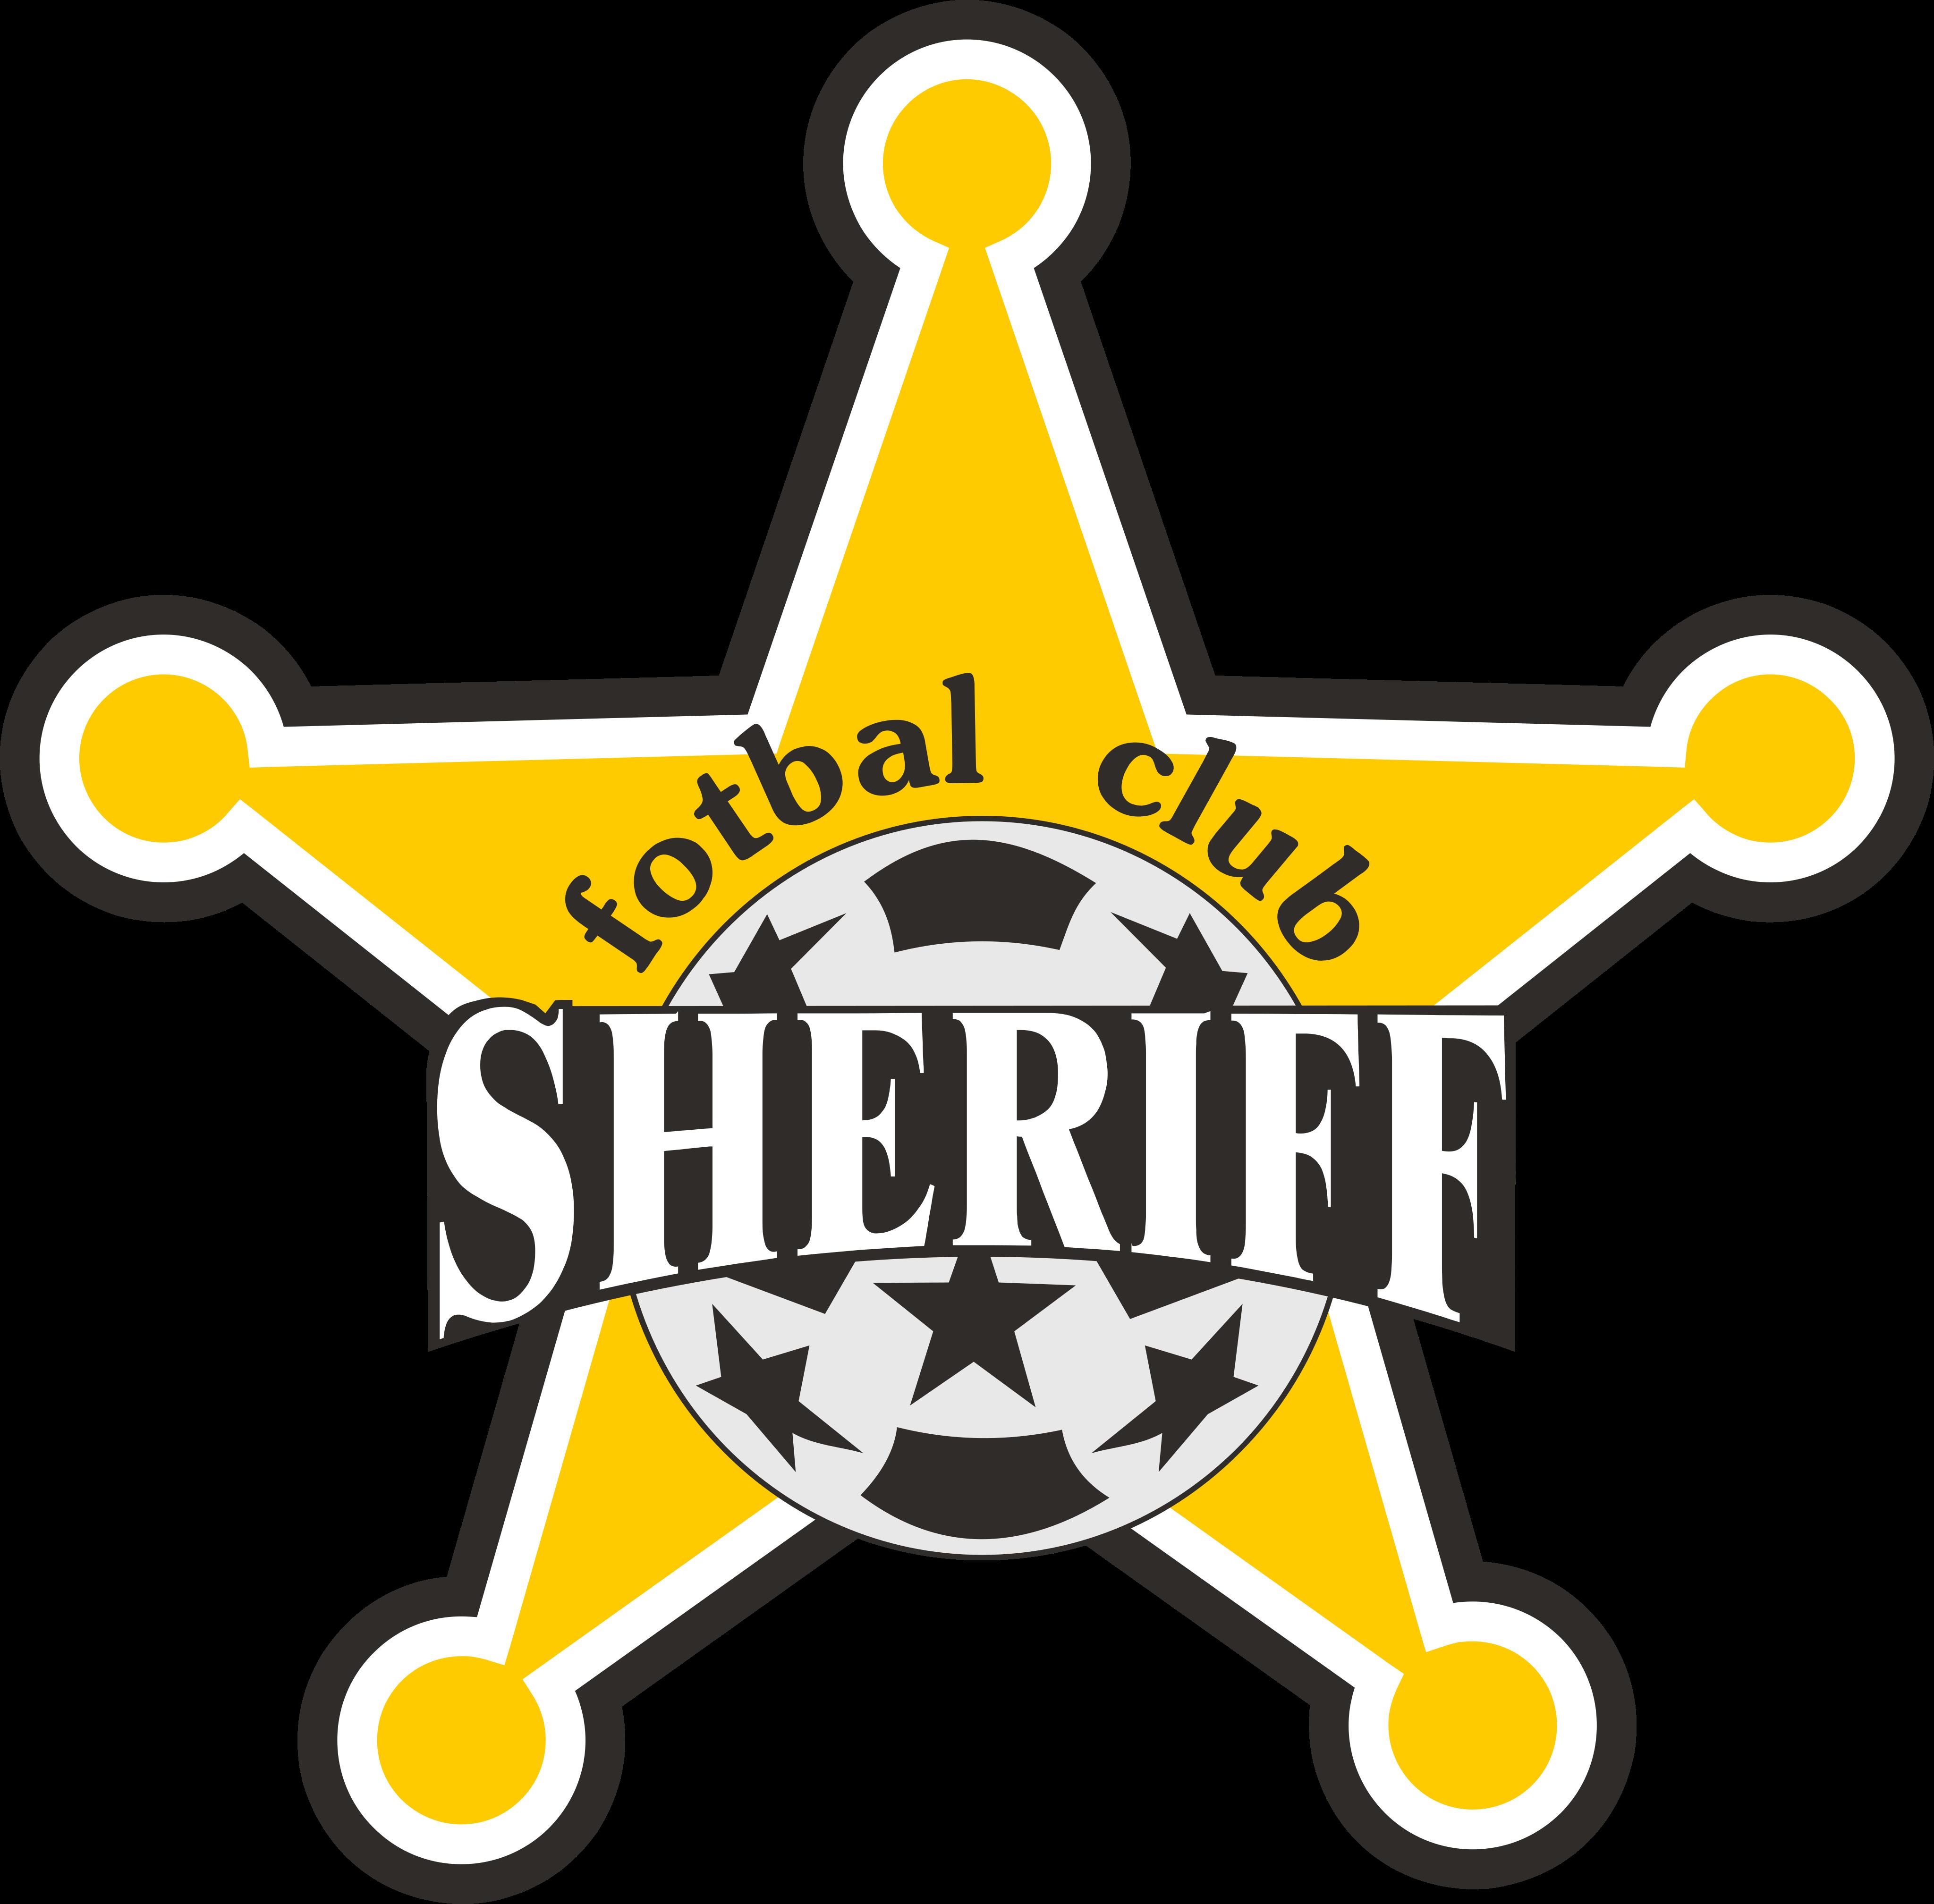 fk sheriff logo - FK Sheriff Logo